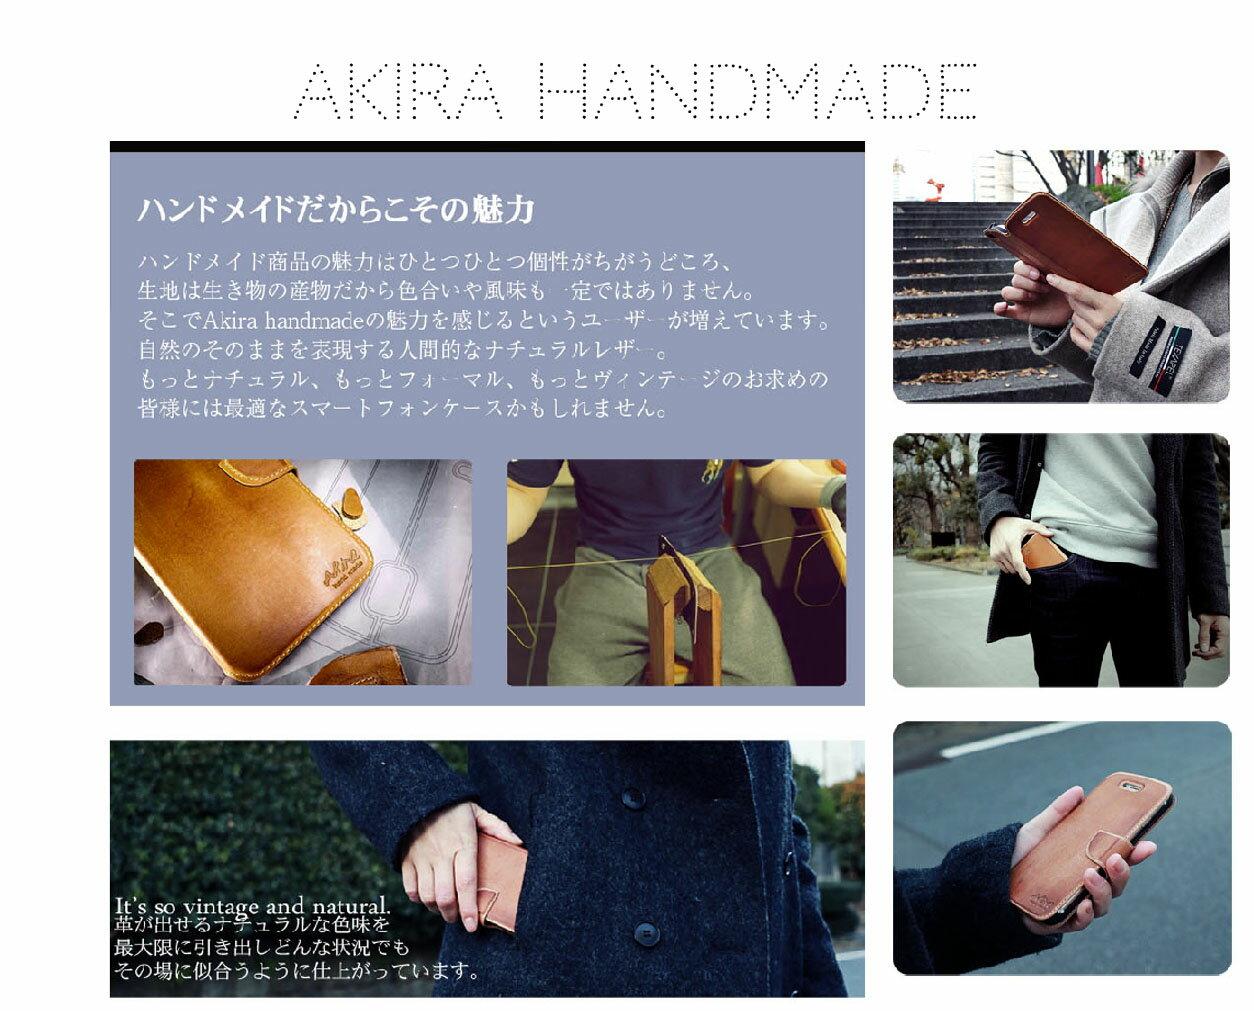 [HTC]Akira手工真皮皮套 [新款可插卡]台灣獨家特別版[D820,D826,A9,M9,M9+,EYE,D620] 7